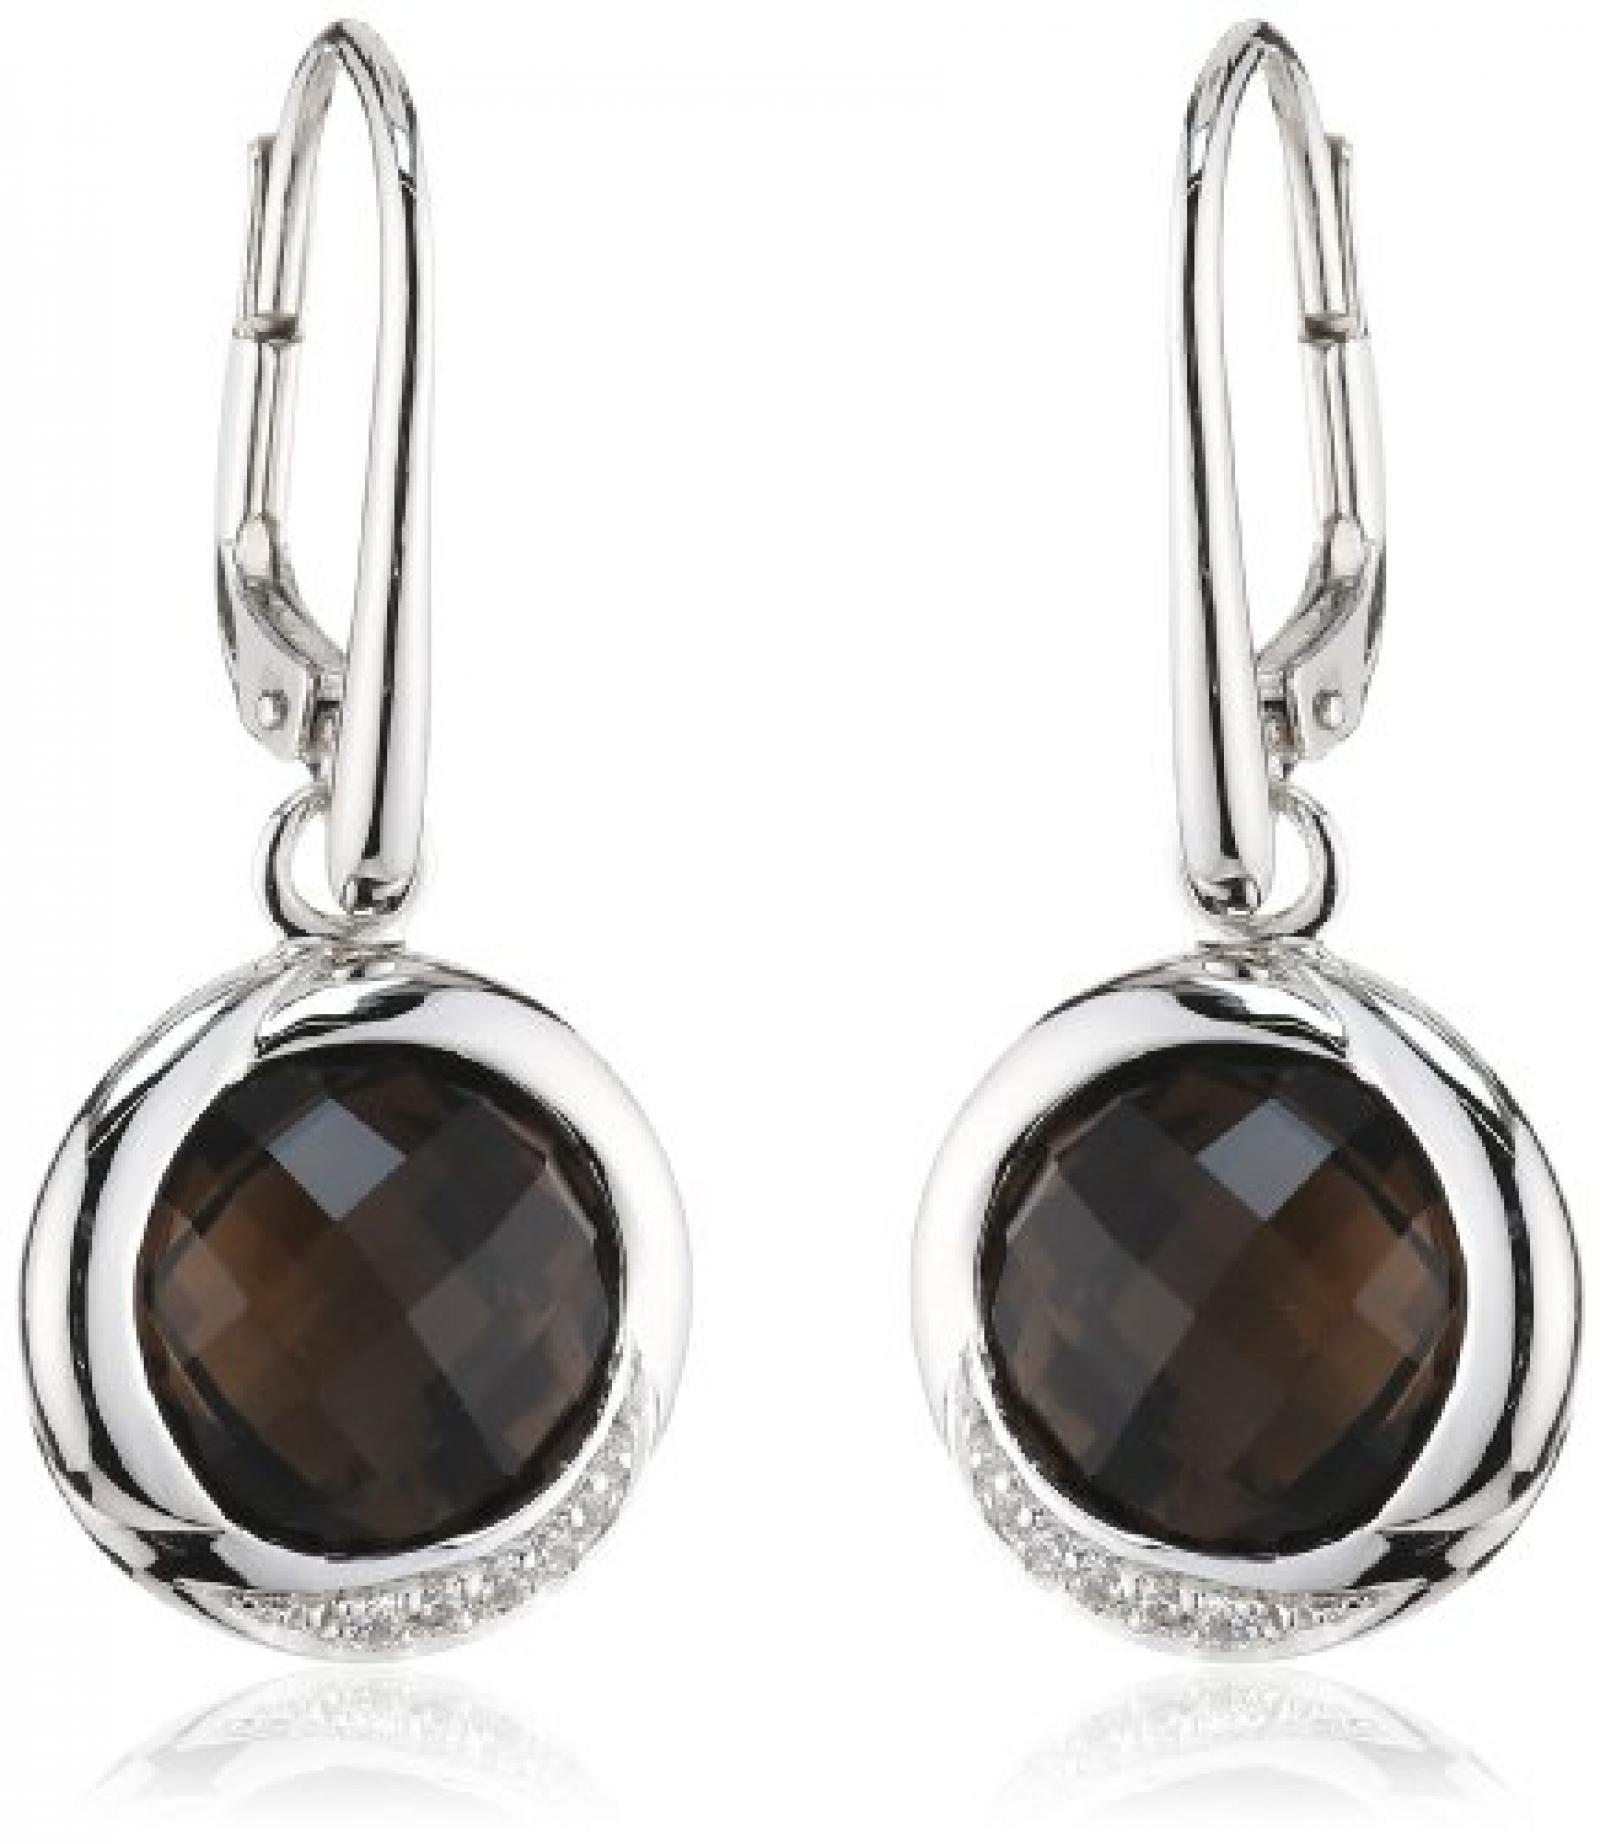 Viventy Damen-Ohrhänger 925 Sterling Silber mit 1 Zirkonia in weiss und 1 Rauchquarz in braun 764394